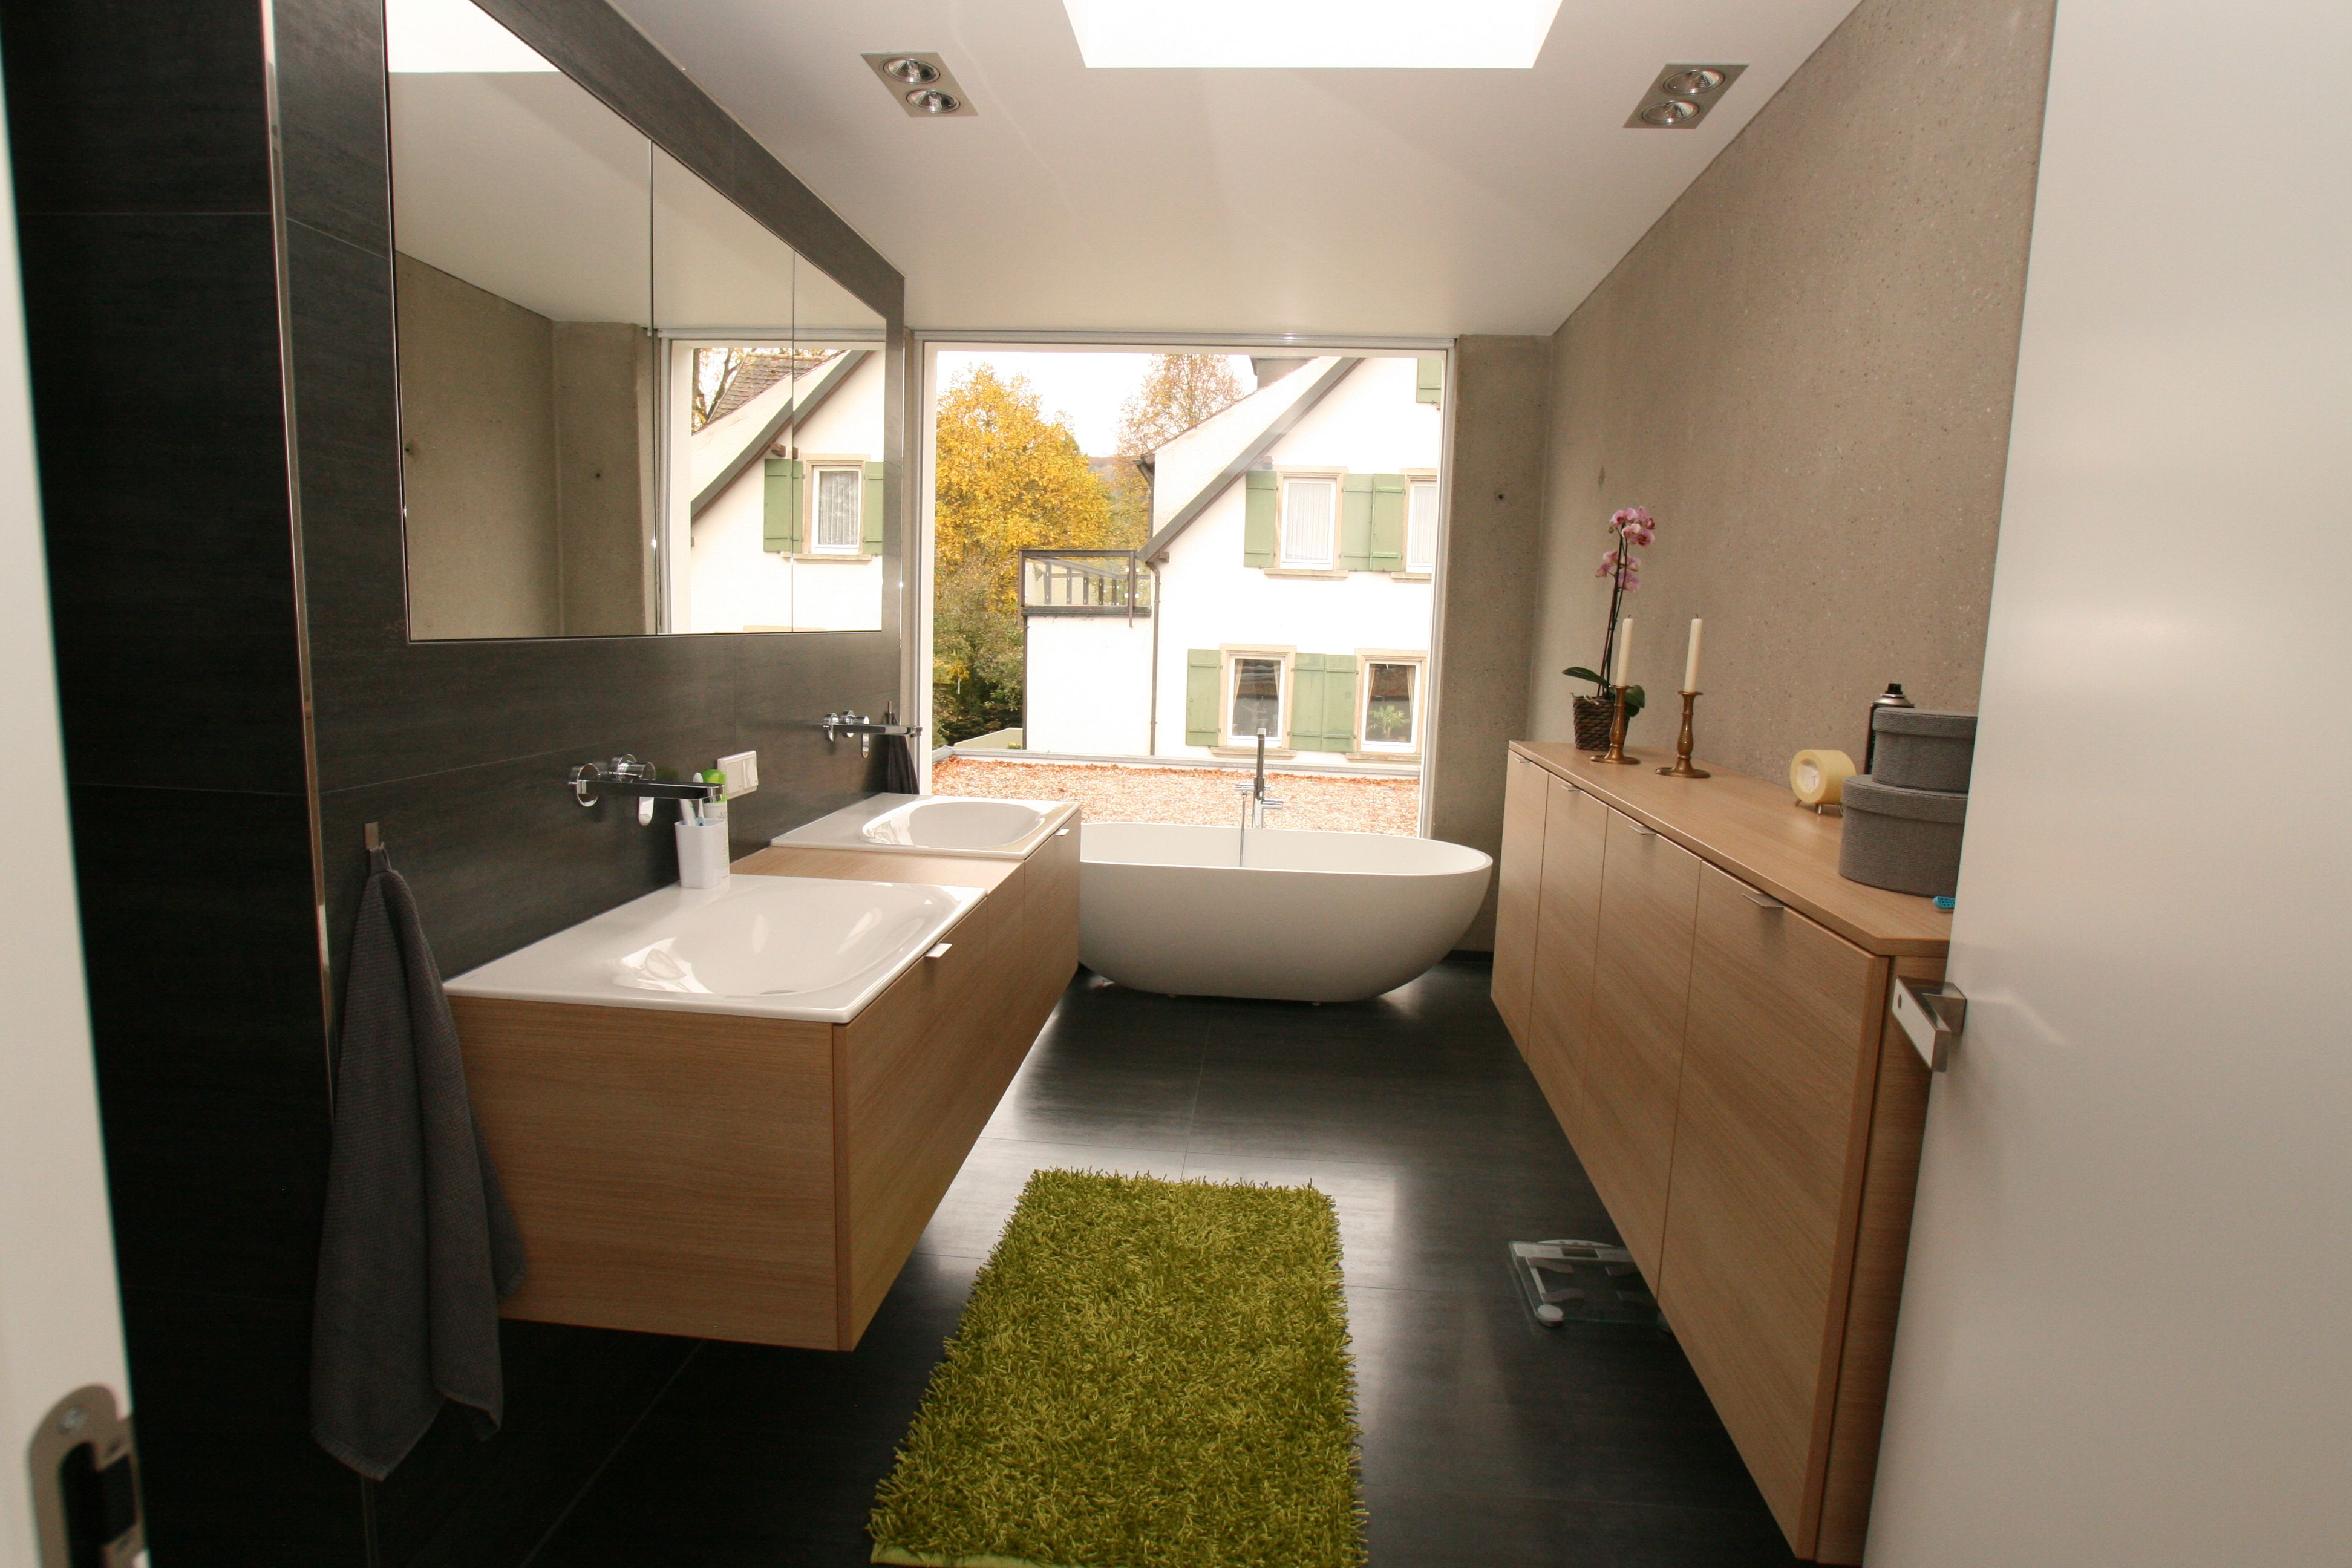 Modernes Badezimmer Badezimmer Modernes Badezimmer Baden